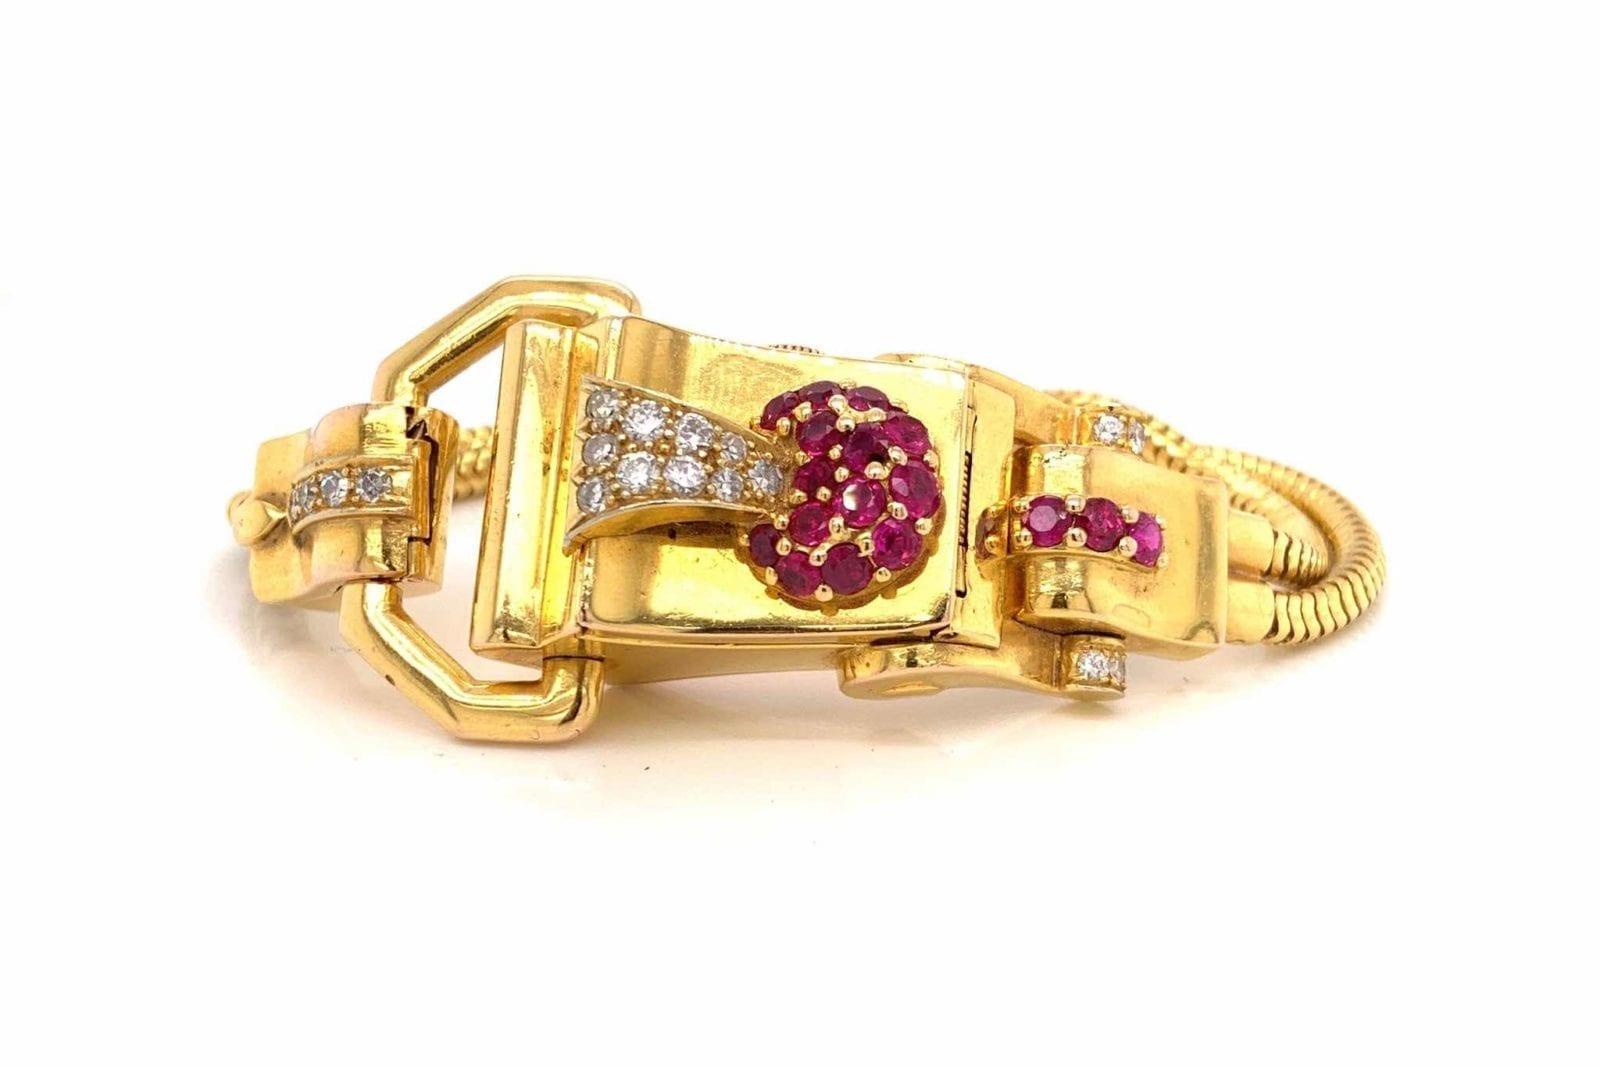 Montre ancienne or rubis et diamants